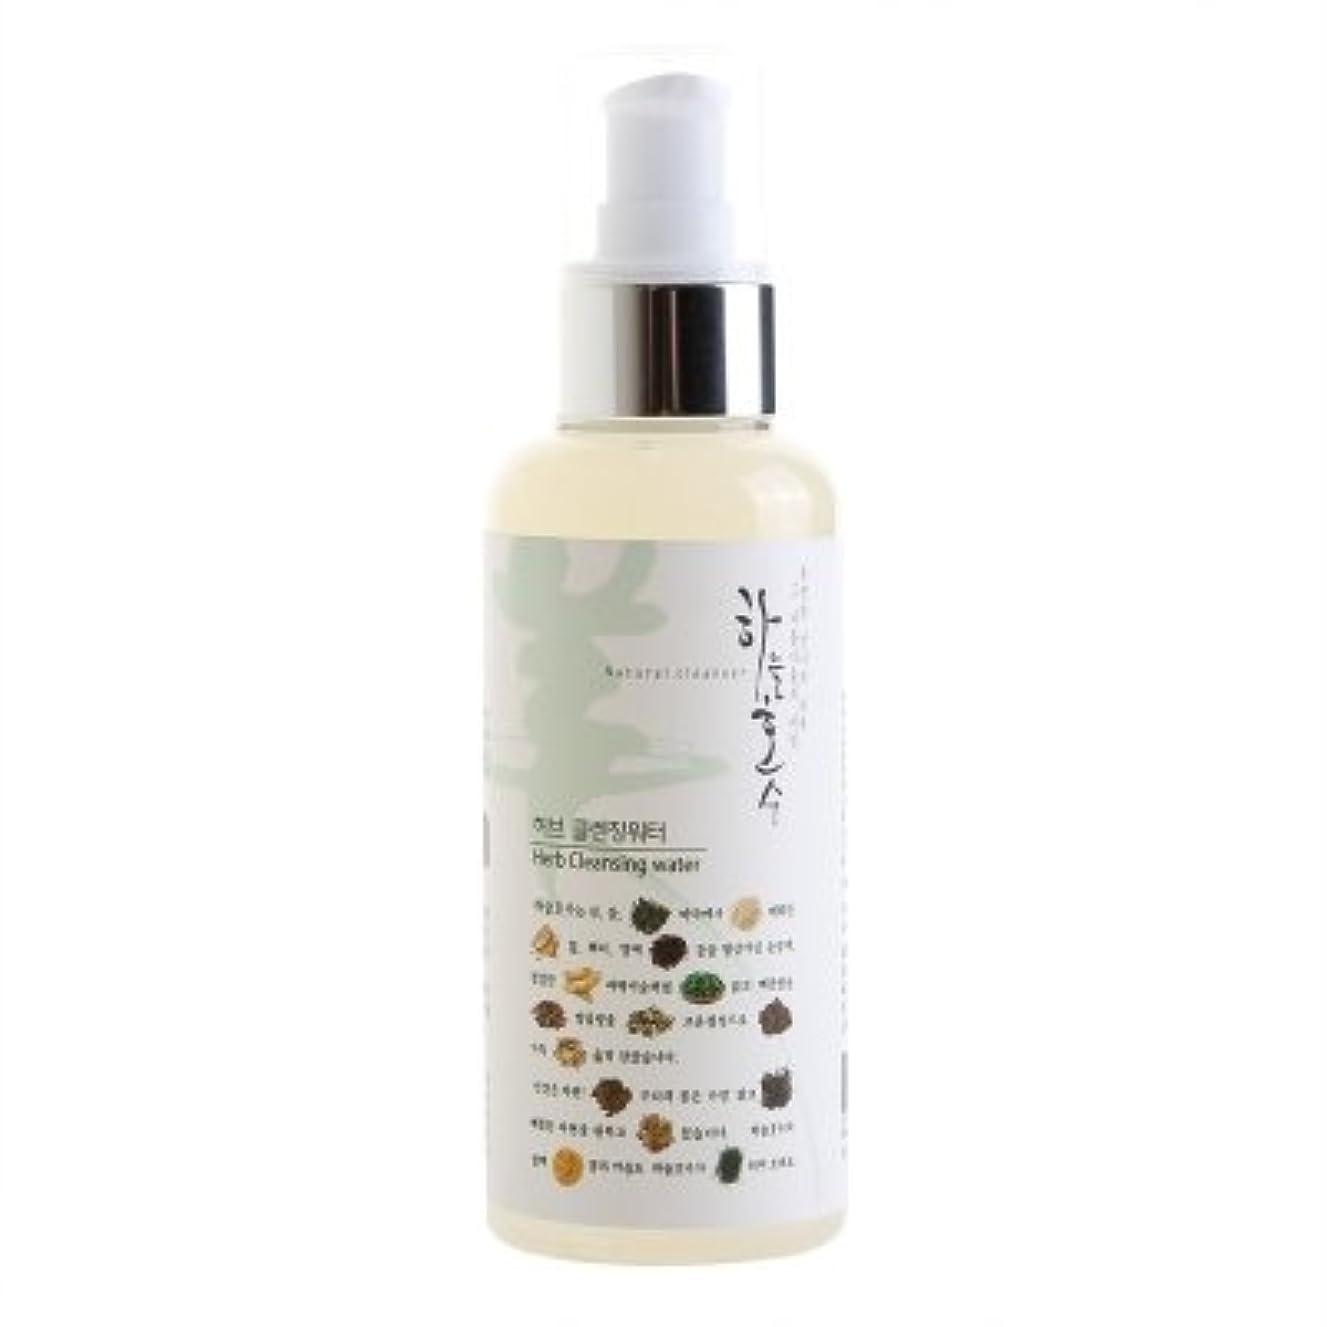 [ハヌルホス] Skylake [ハーブクレンジングウォーター (150ml)] (Herb Cleansing Water (150ml)) [並行輸入品]